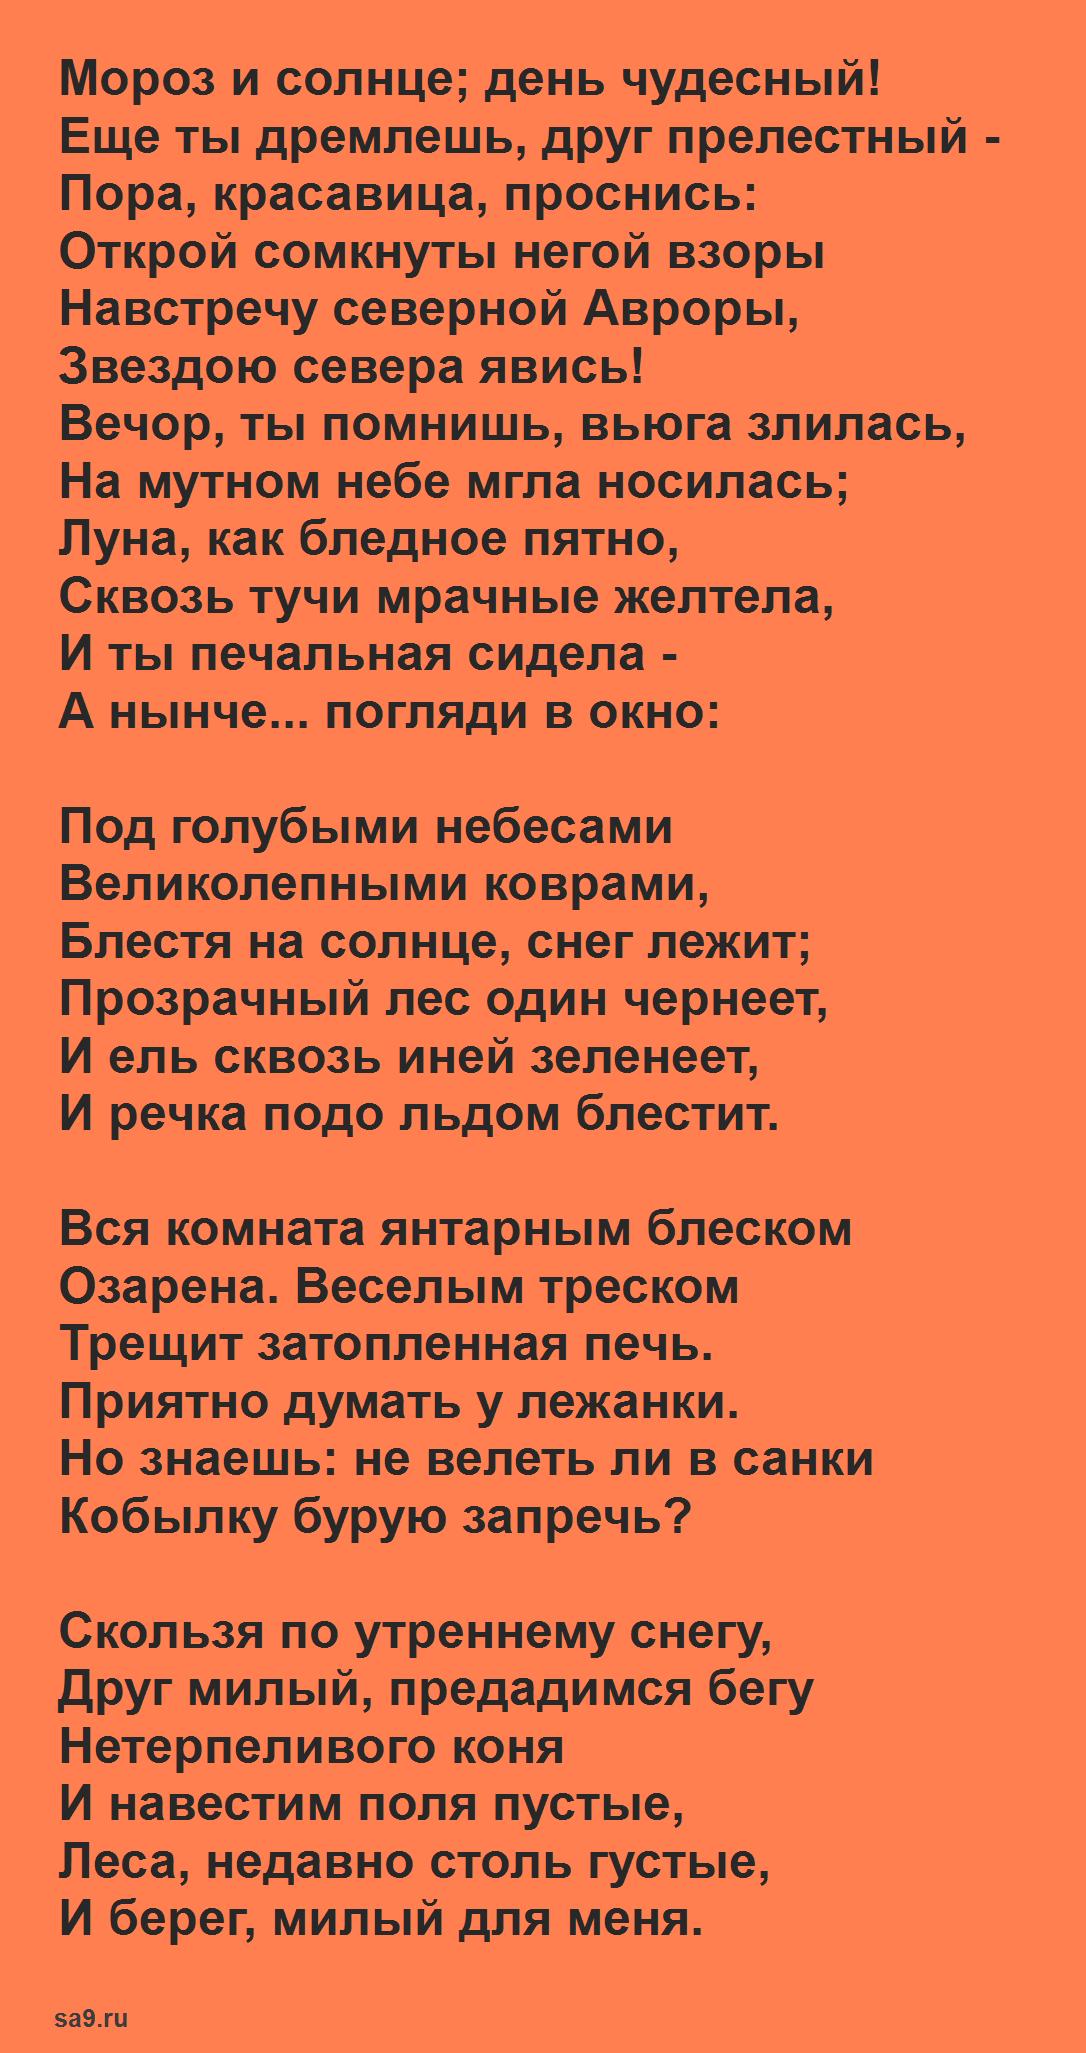 Стих Пушкина про утро - Зимнее утро, легкие